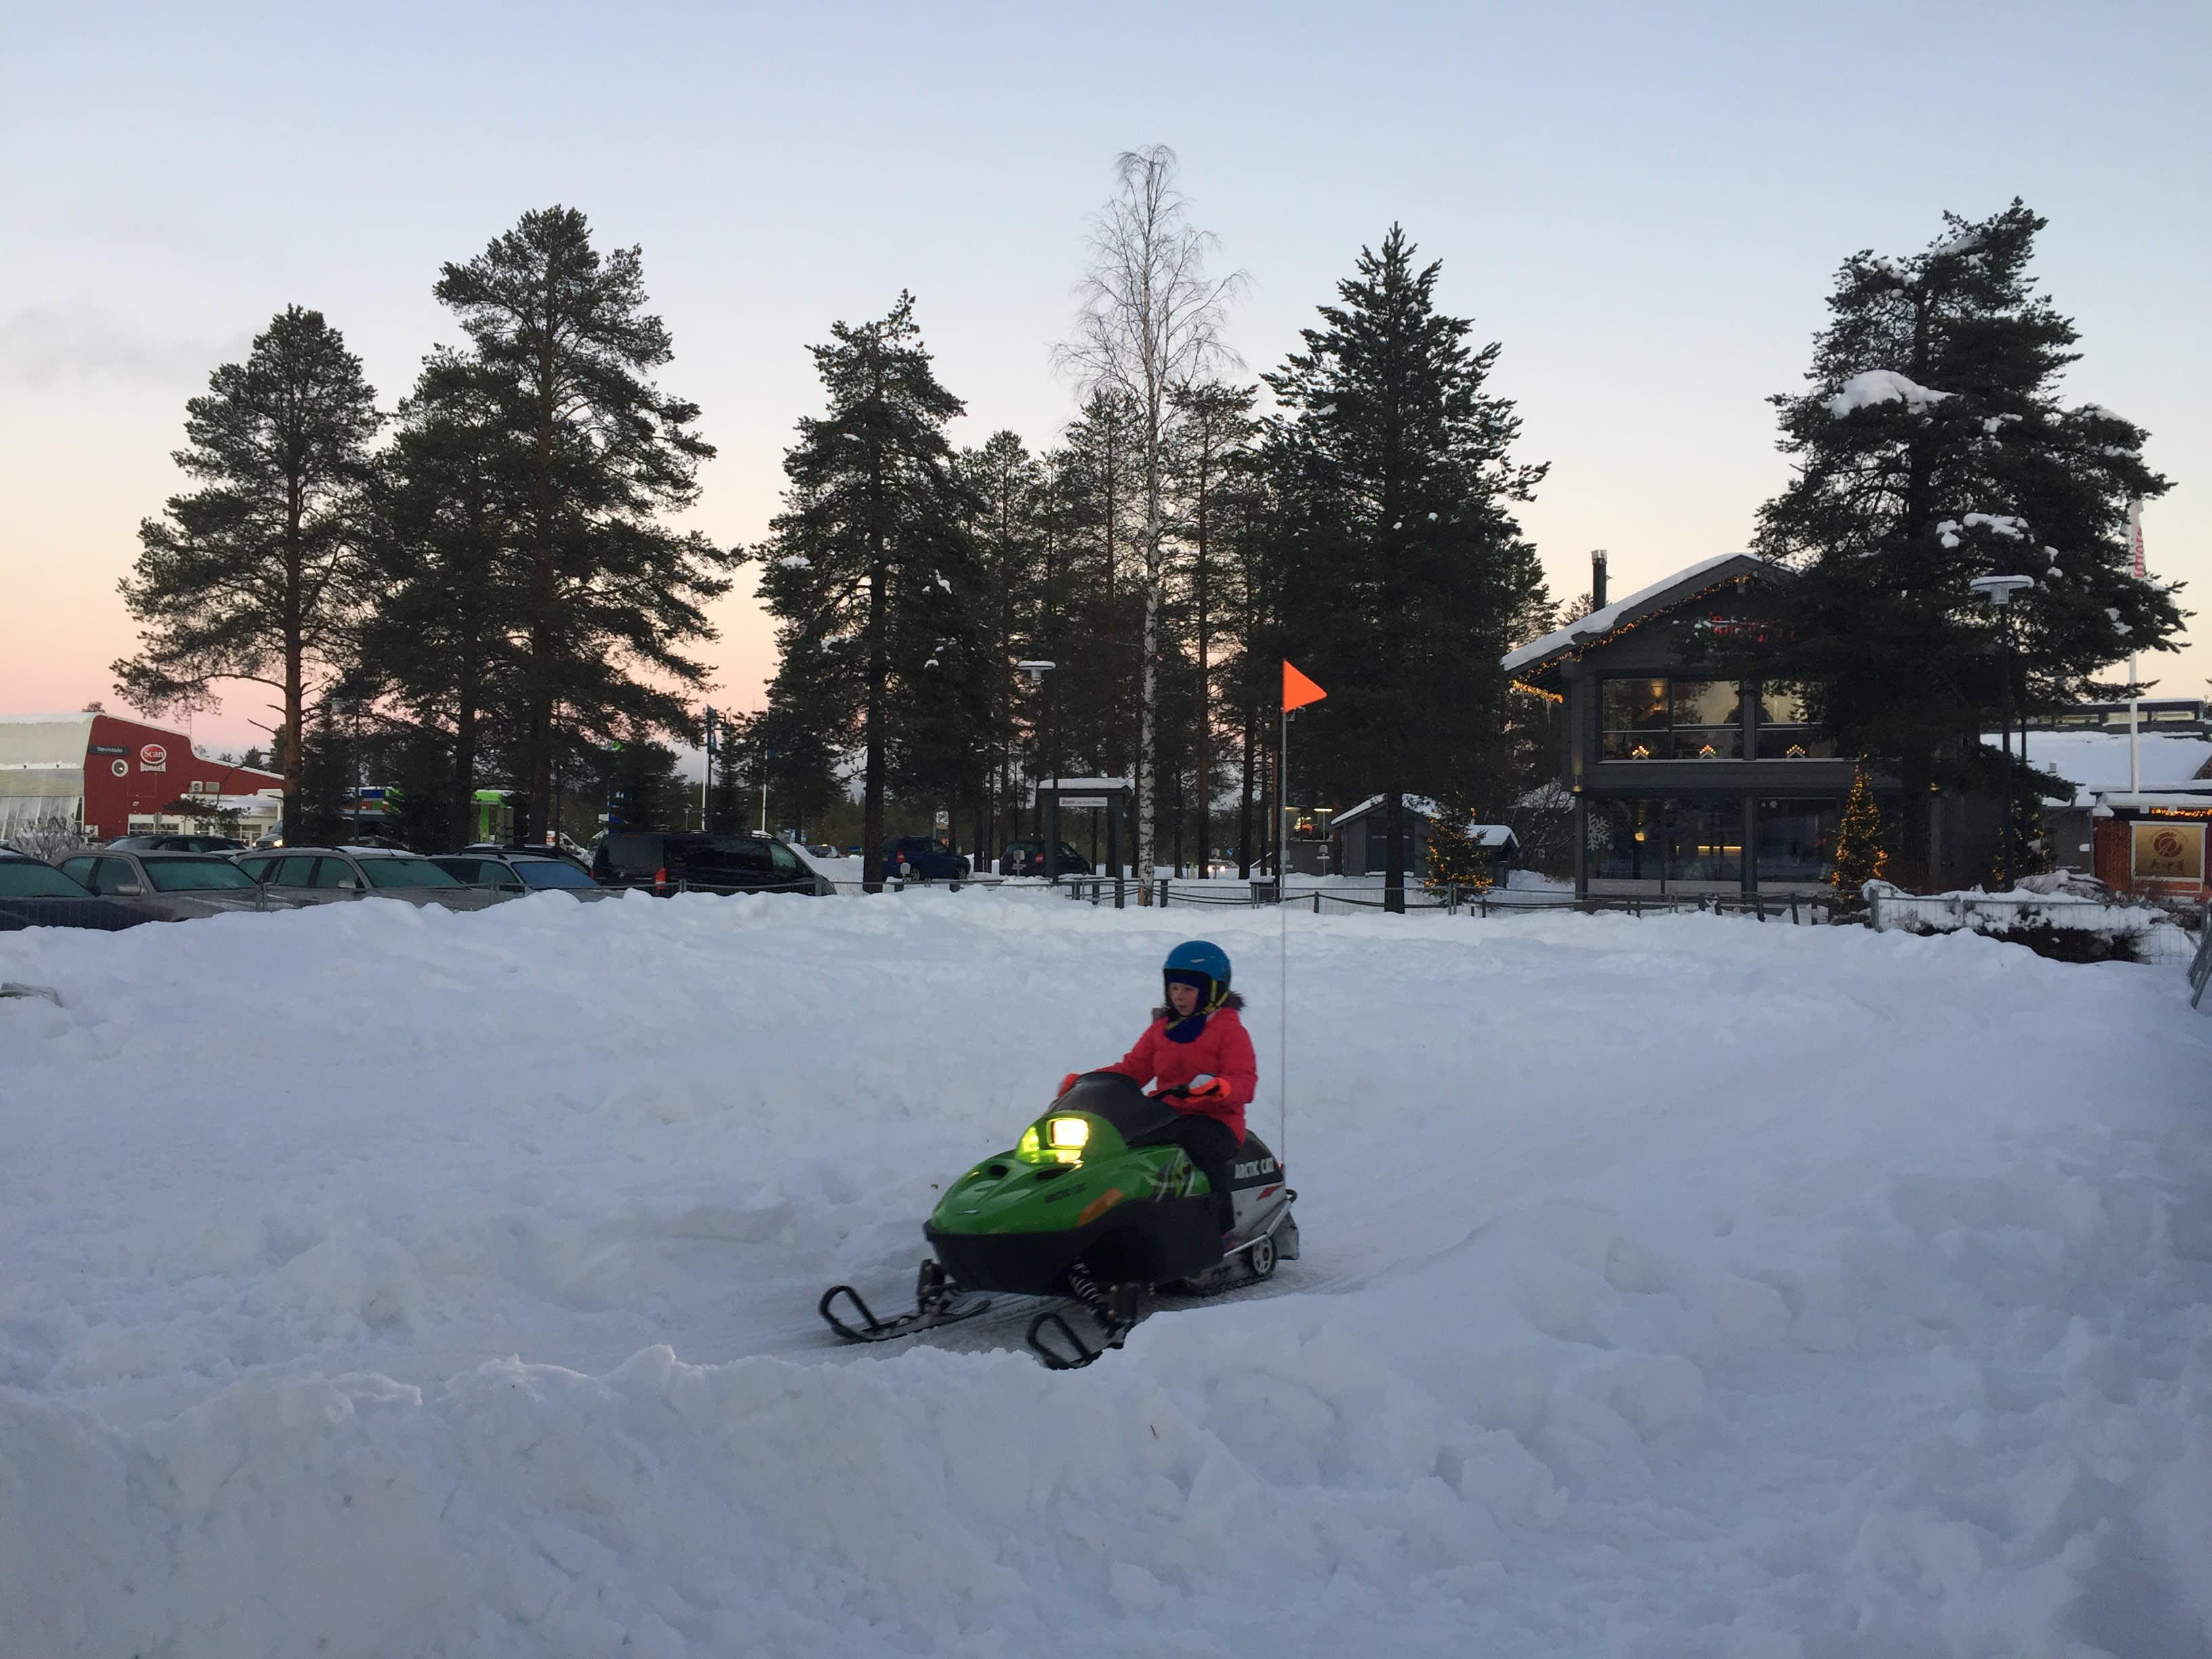 芬蘭旅遊攻略